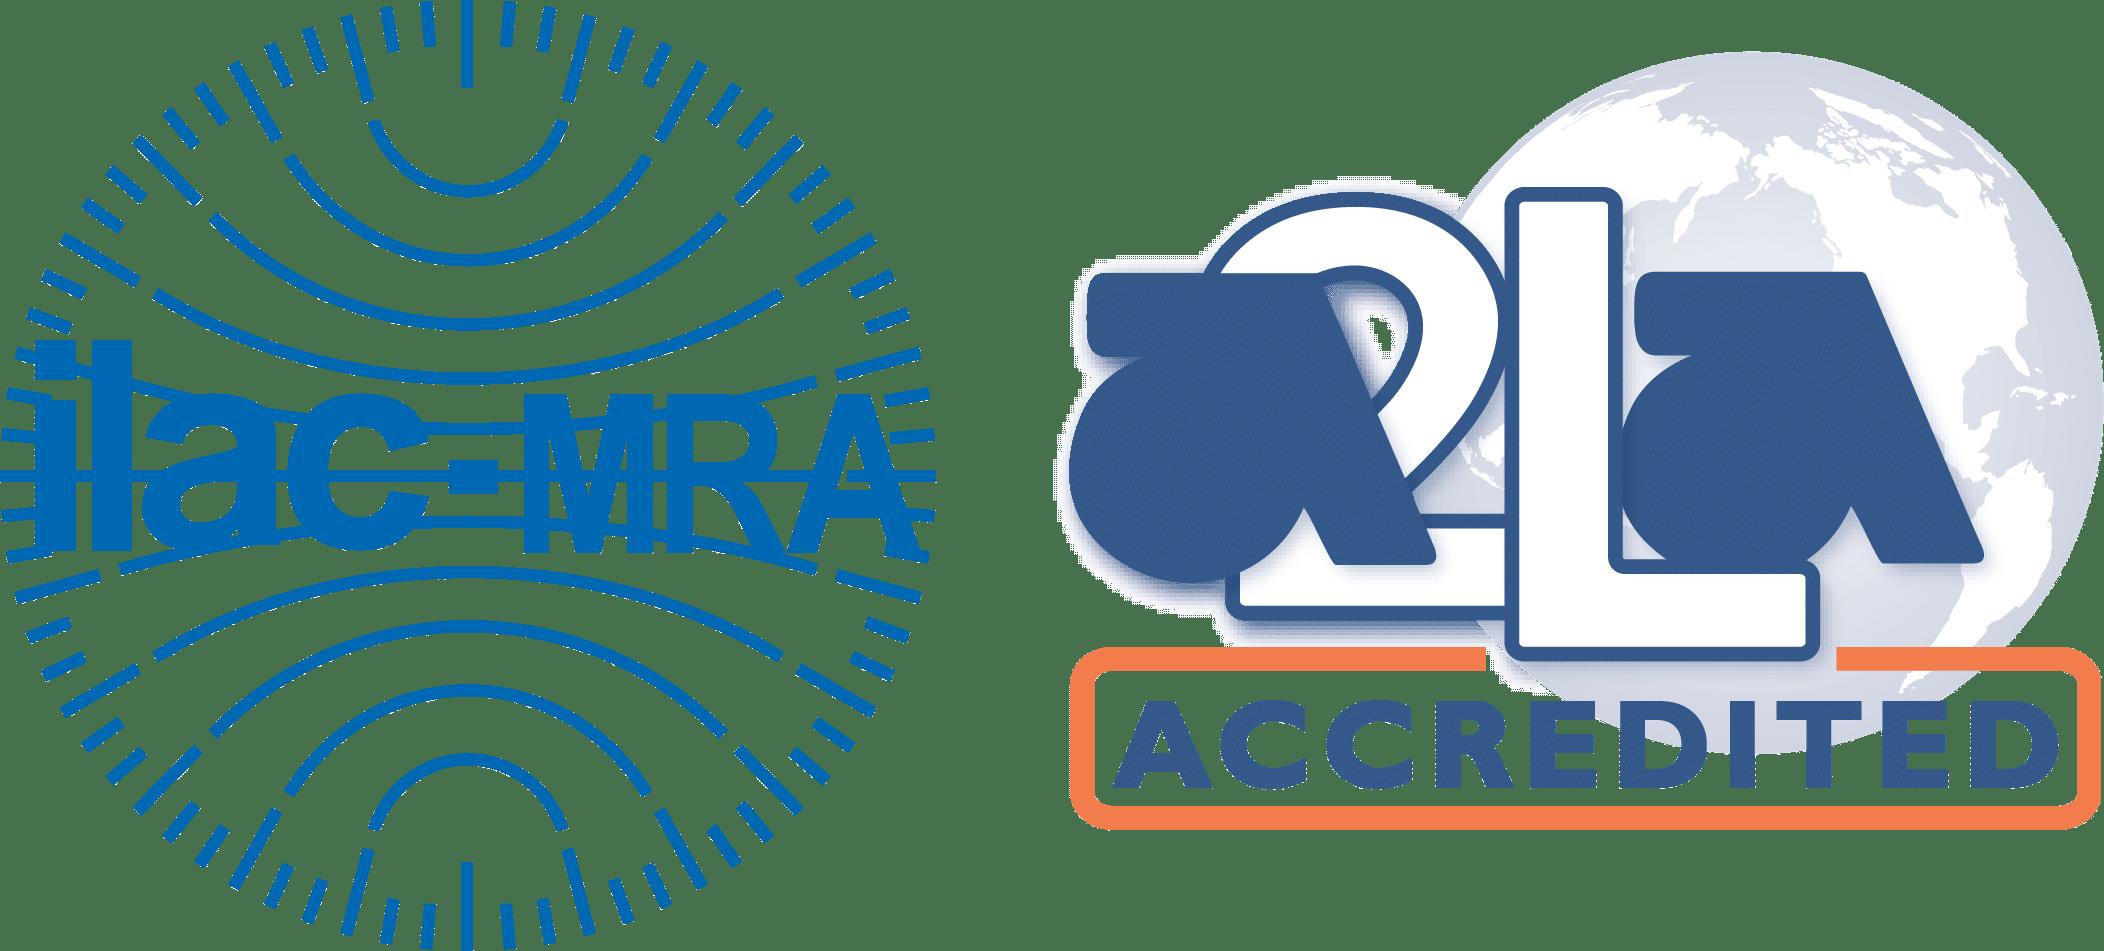 ILAC MRA-A2LA Accredited